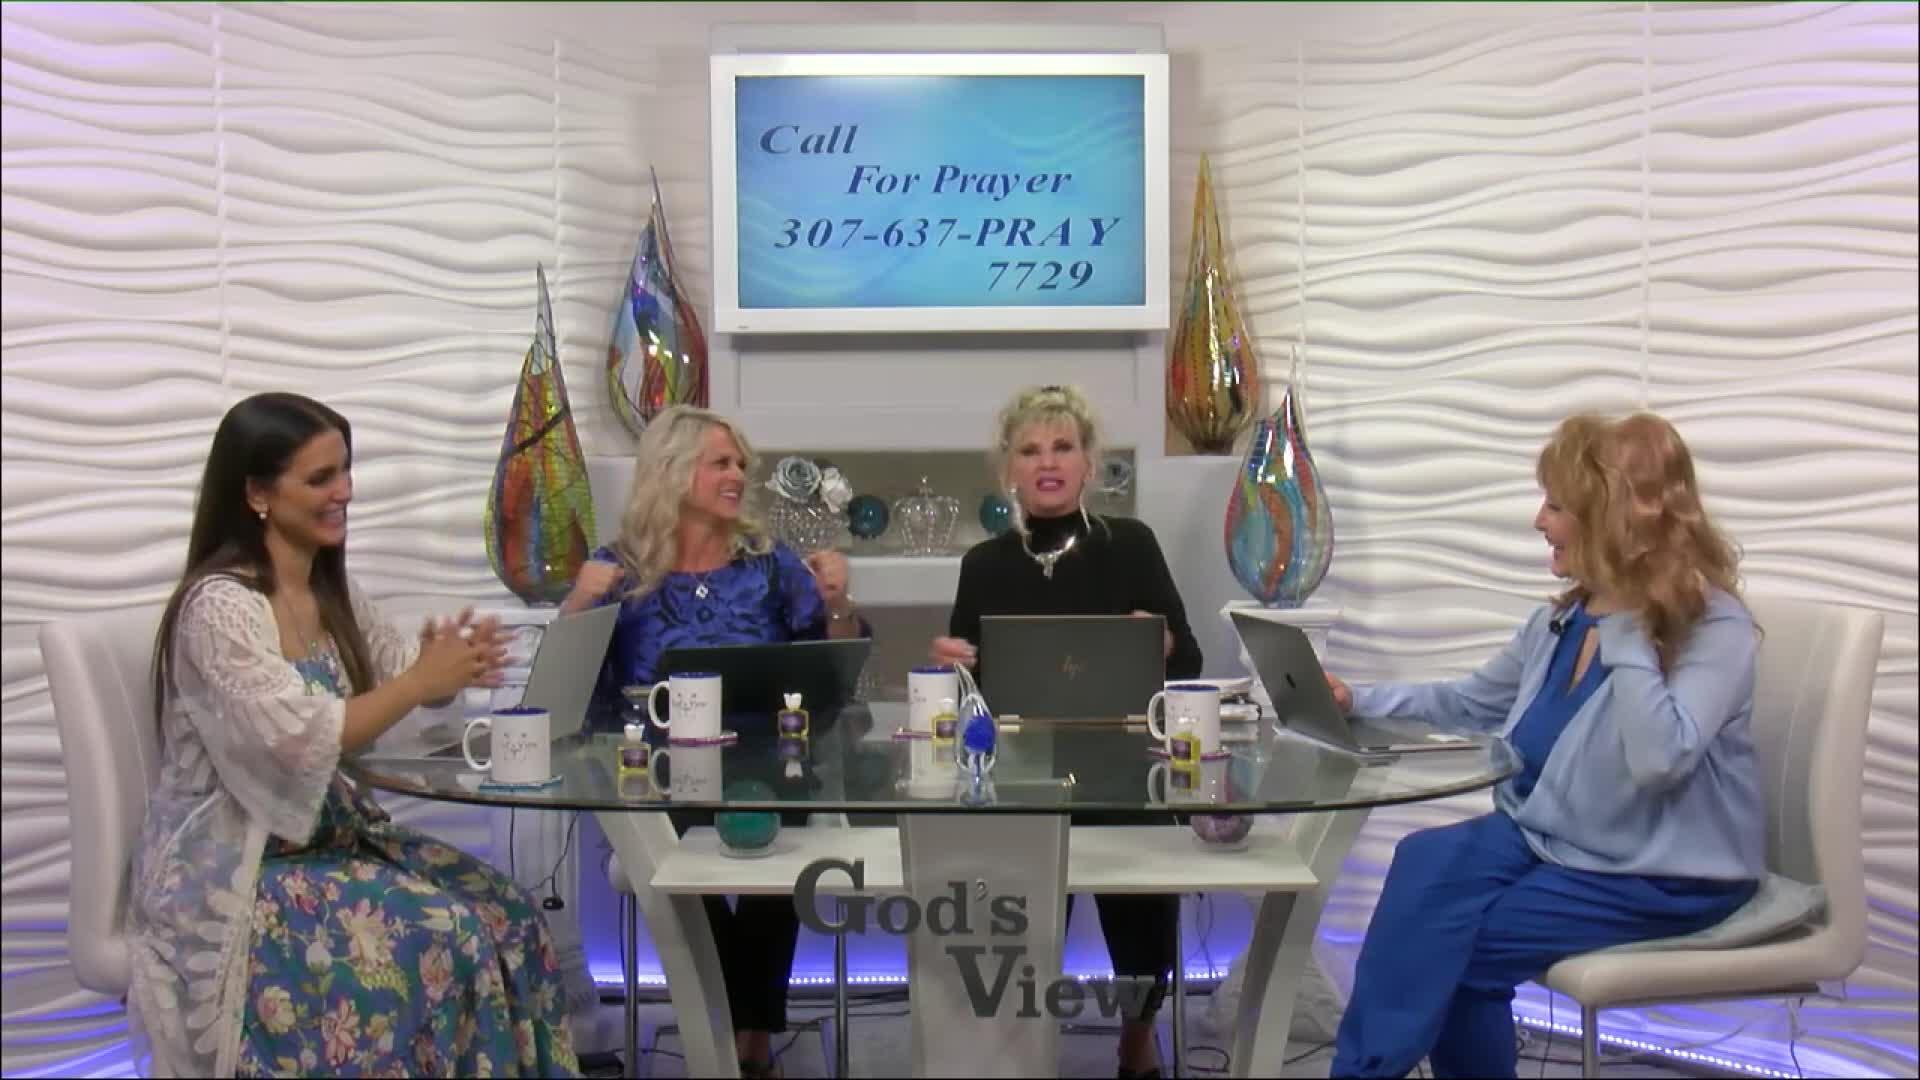 Gods View TV Show - Sanctification